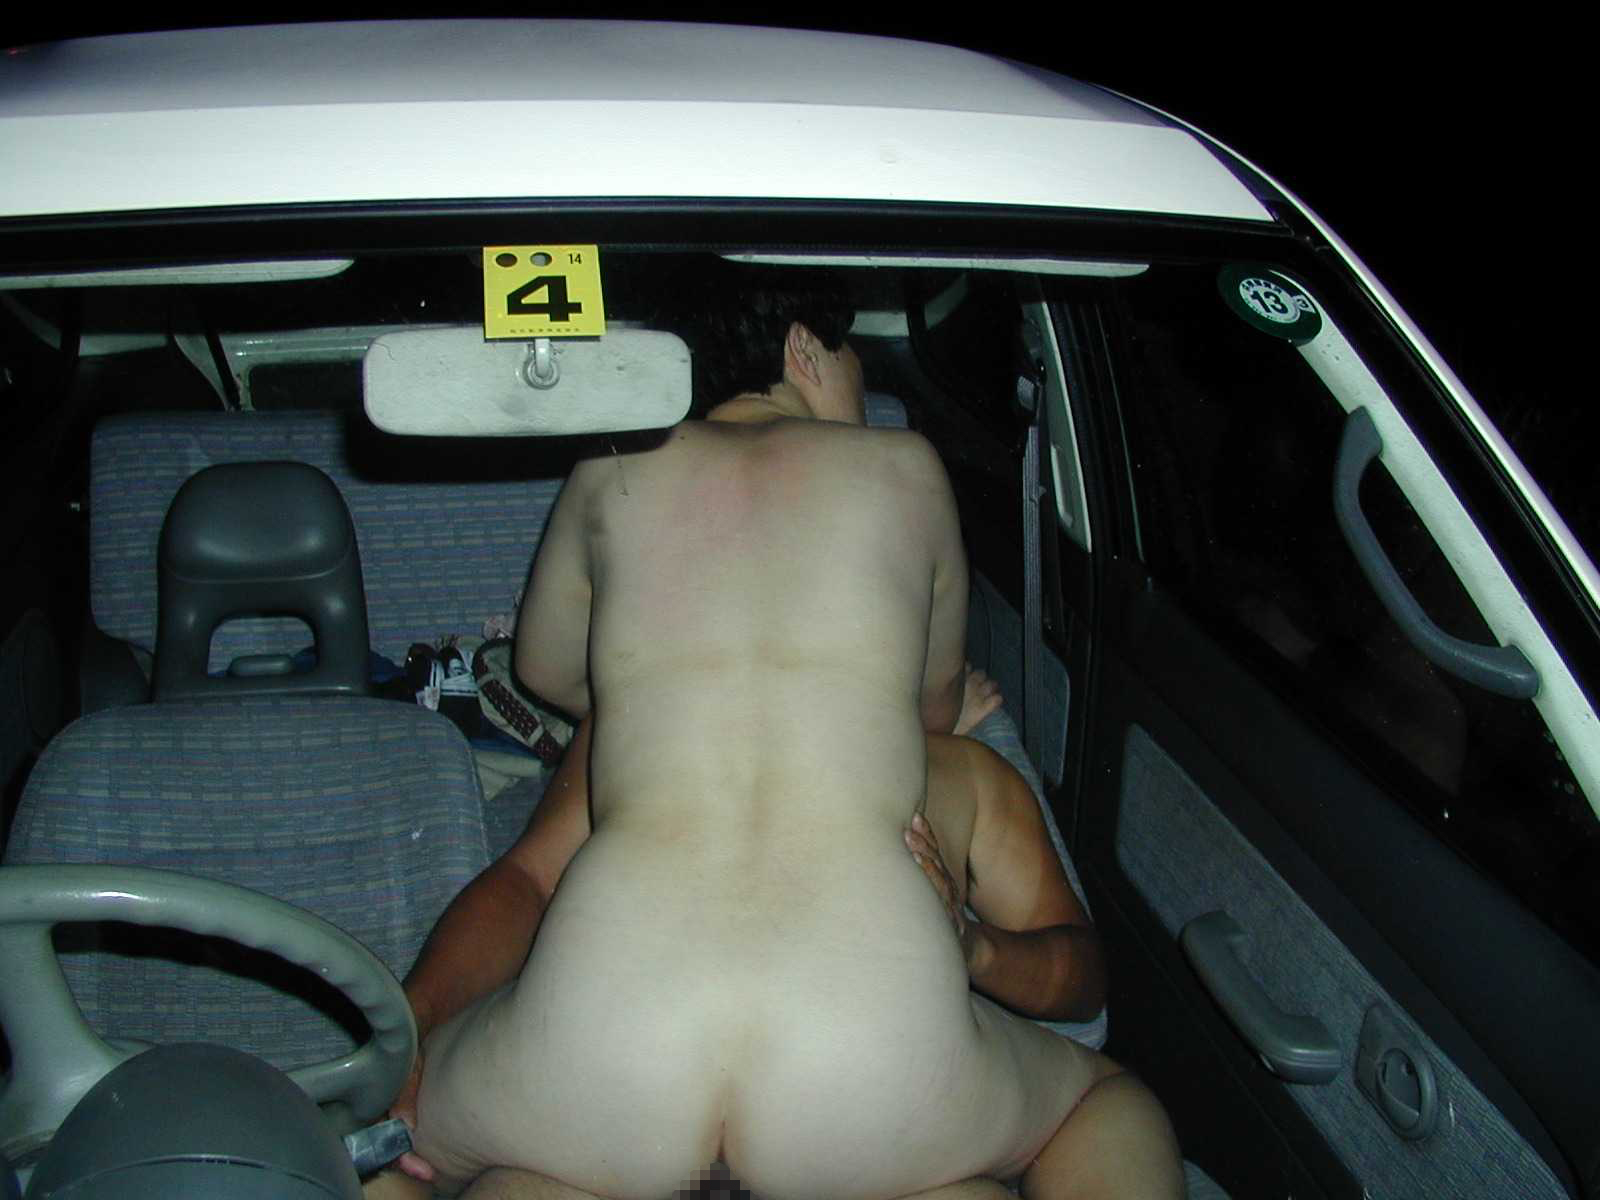 昼間からカーセックスをしてしまう不倫人妻エロ画像15枚目